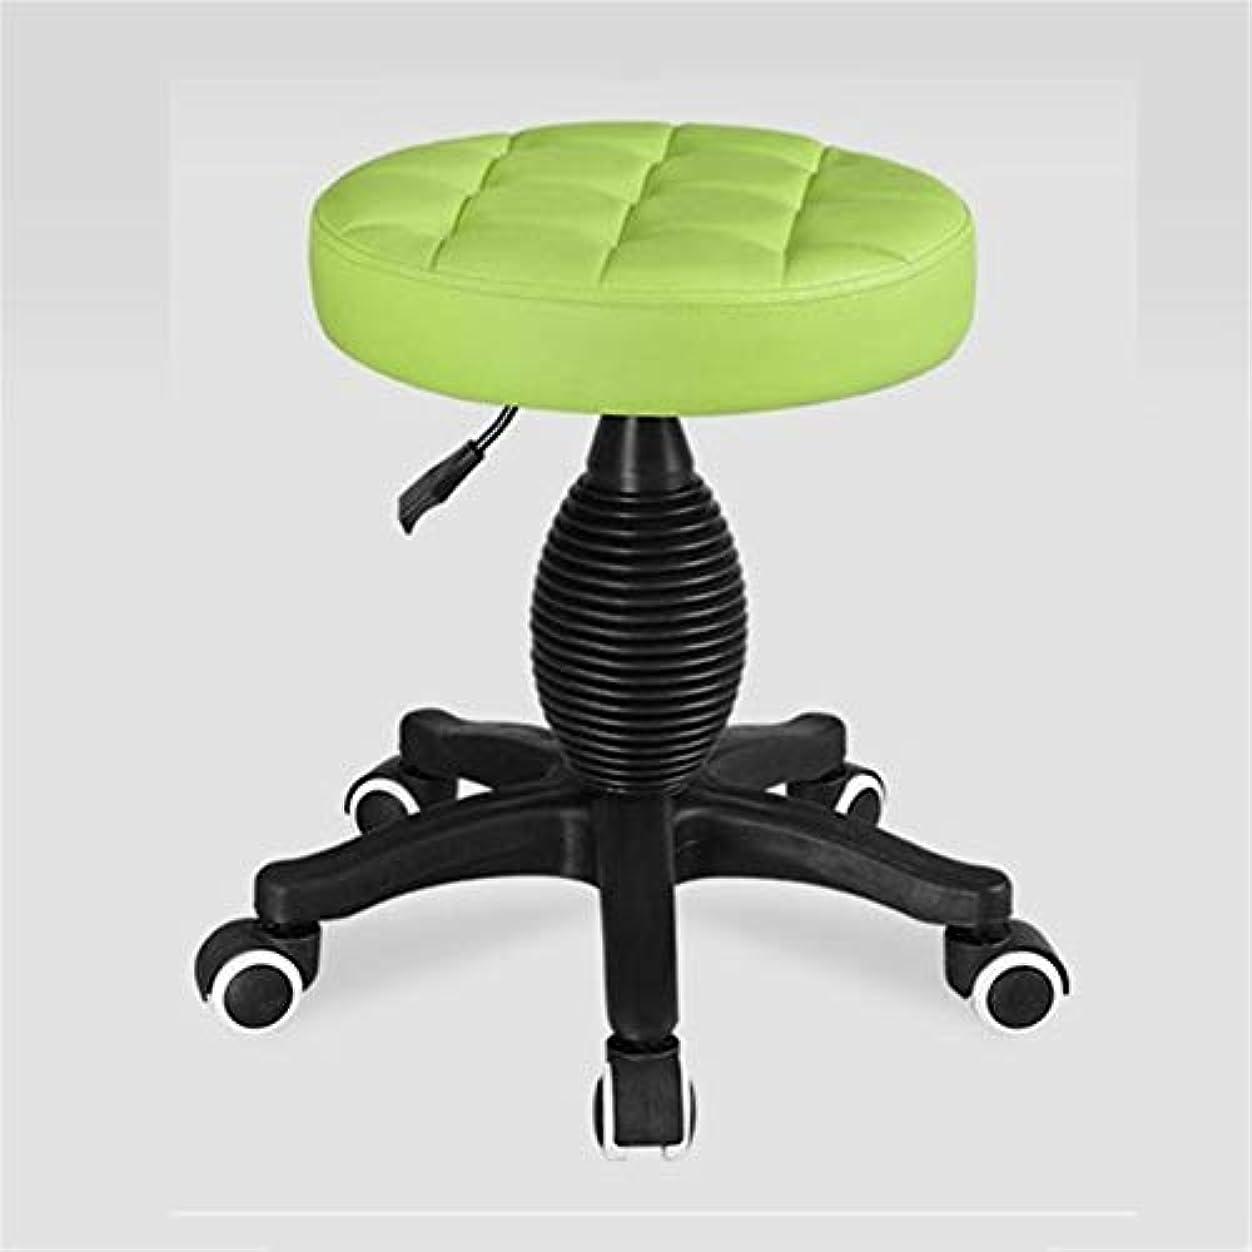 唯一商業のから大広間の椅子円形PUの革油圧上昇の調節の回転理髪店の椅子の鉱泉の大広間の設定の椅子5つの車輪の事務作業の椅子,Green,B